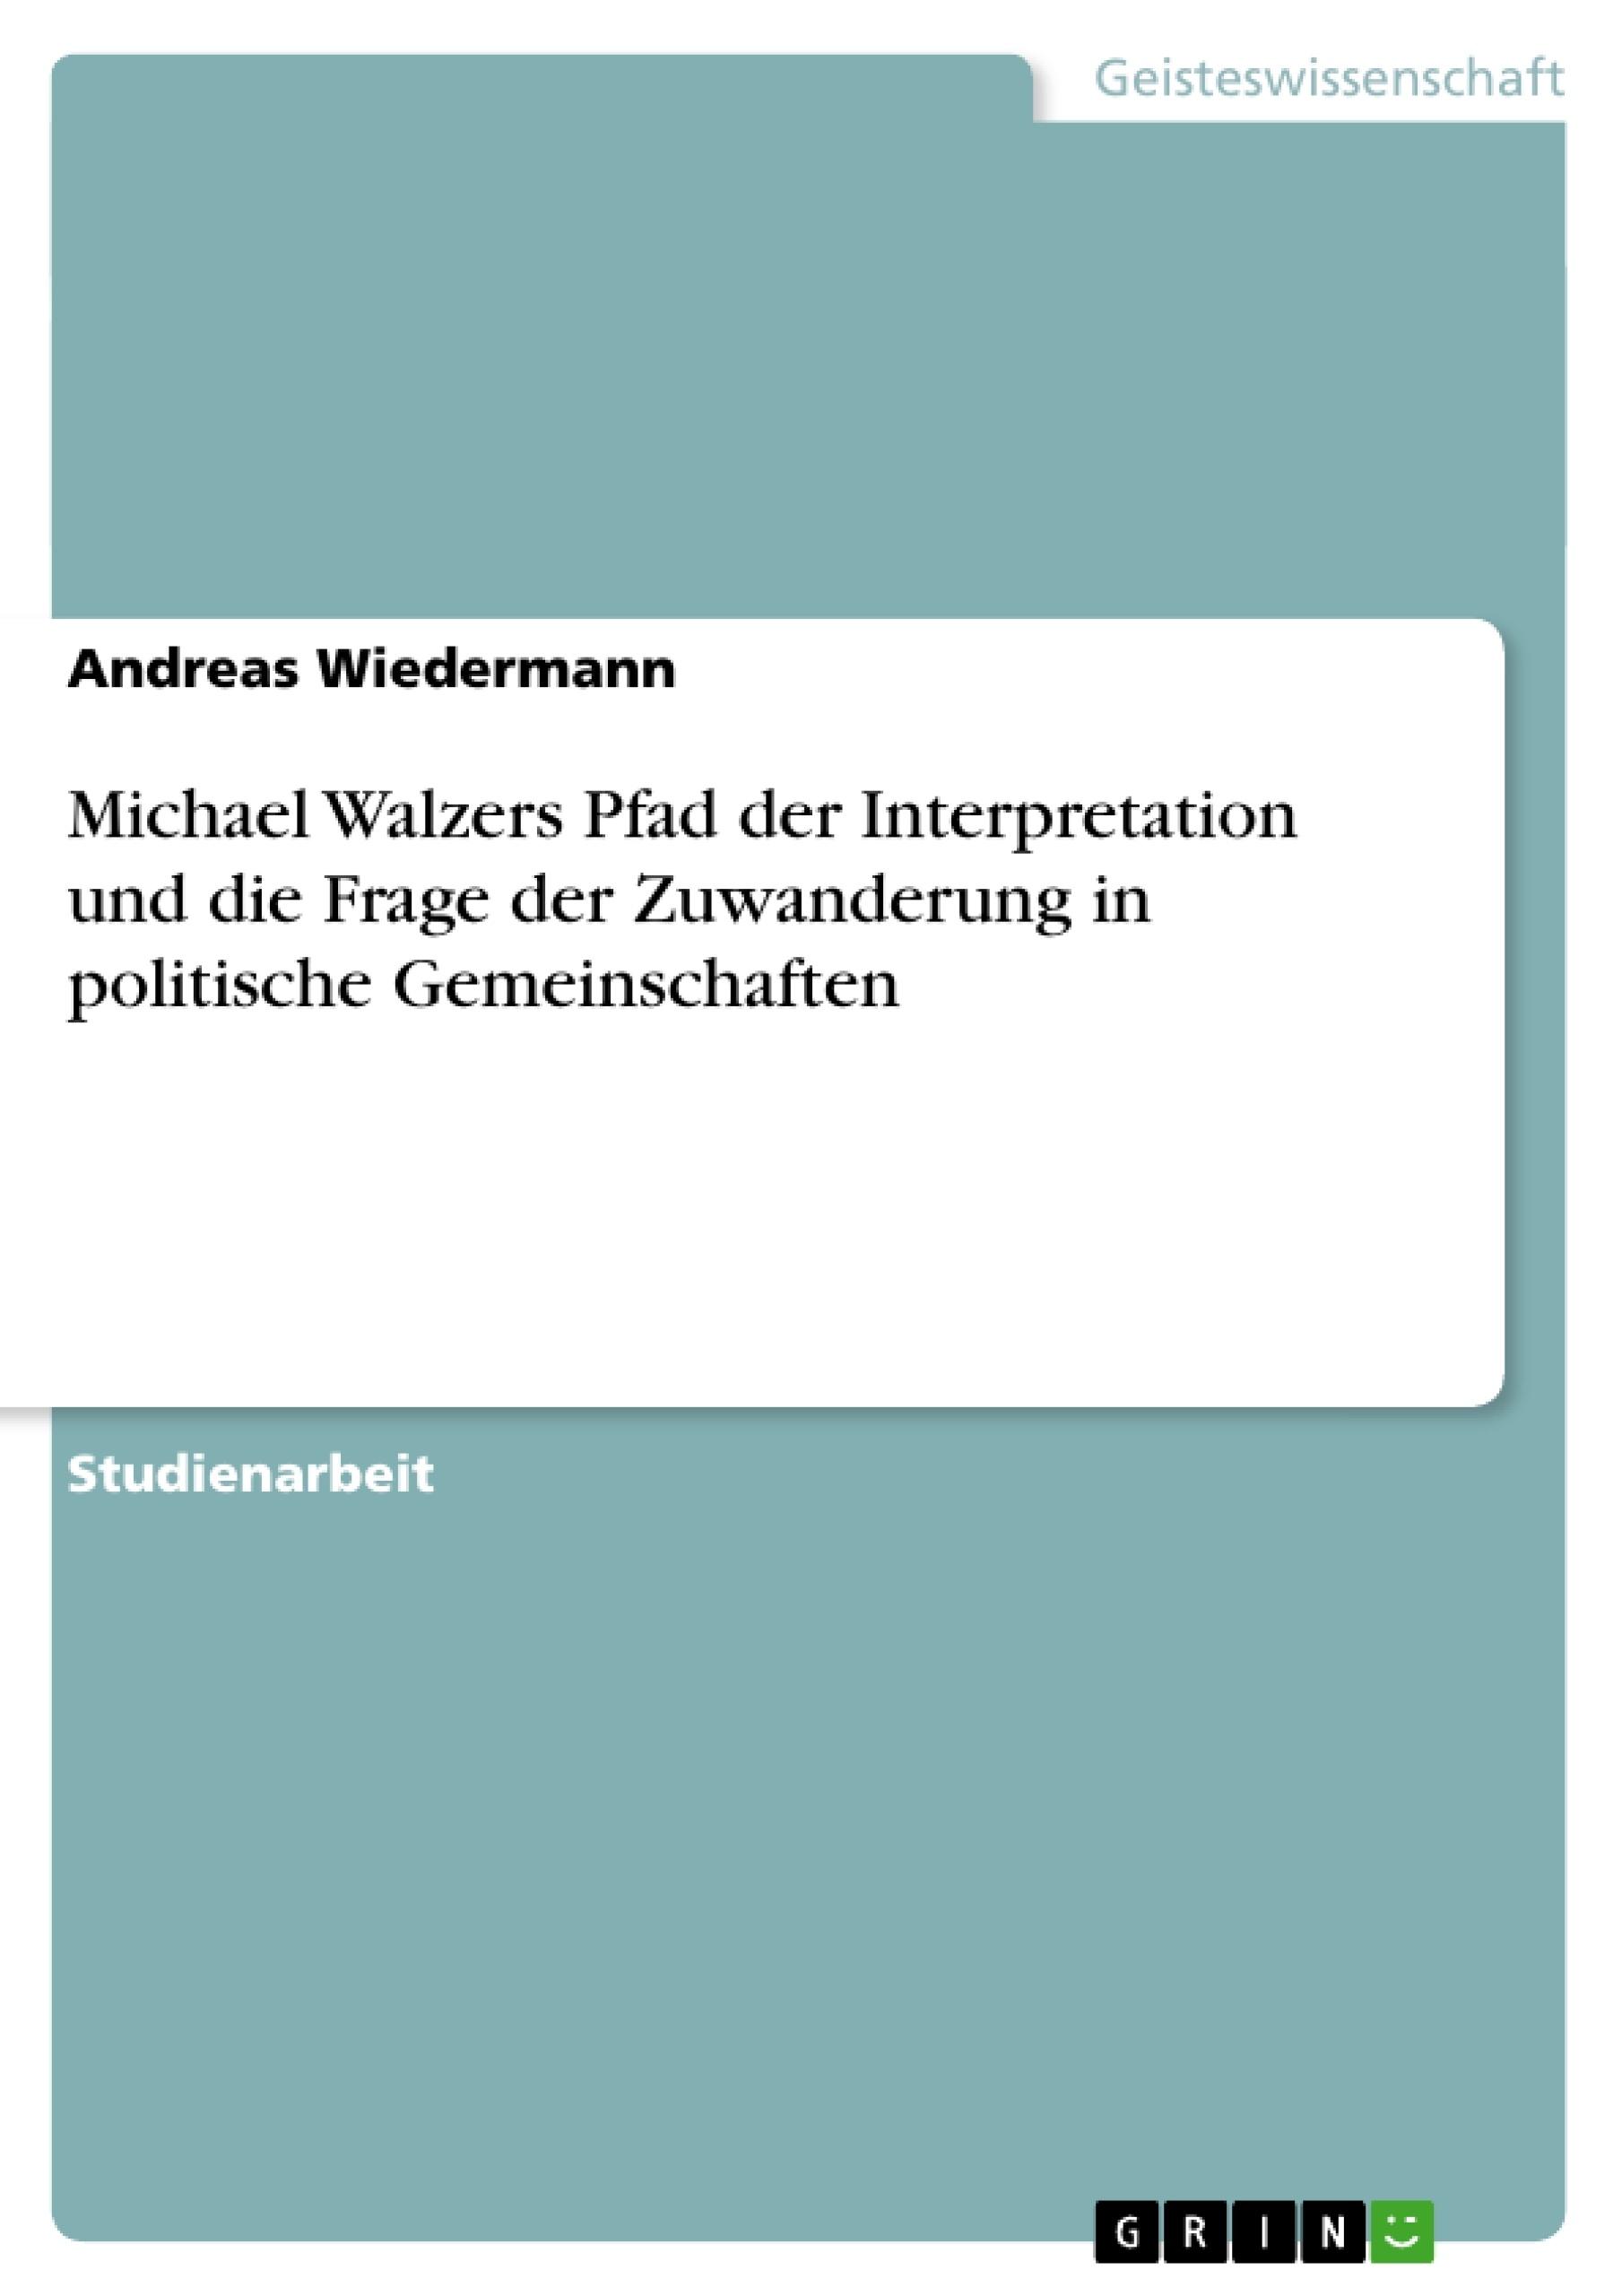 Titel: Michael Walzers Pfad der Interpretation und die Frage der Zuwanderung in politische Gemeinschaften